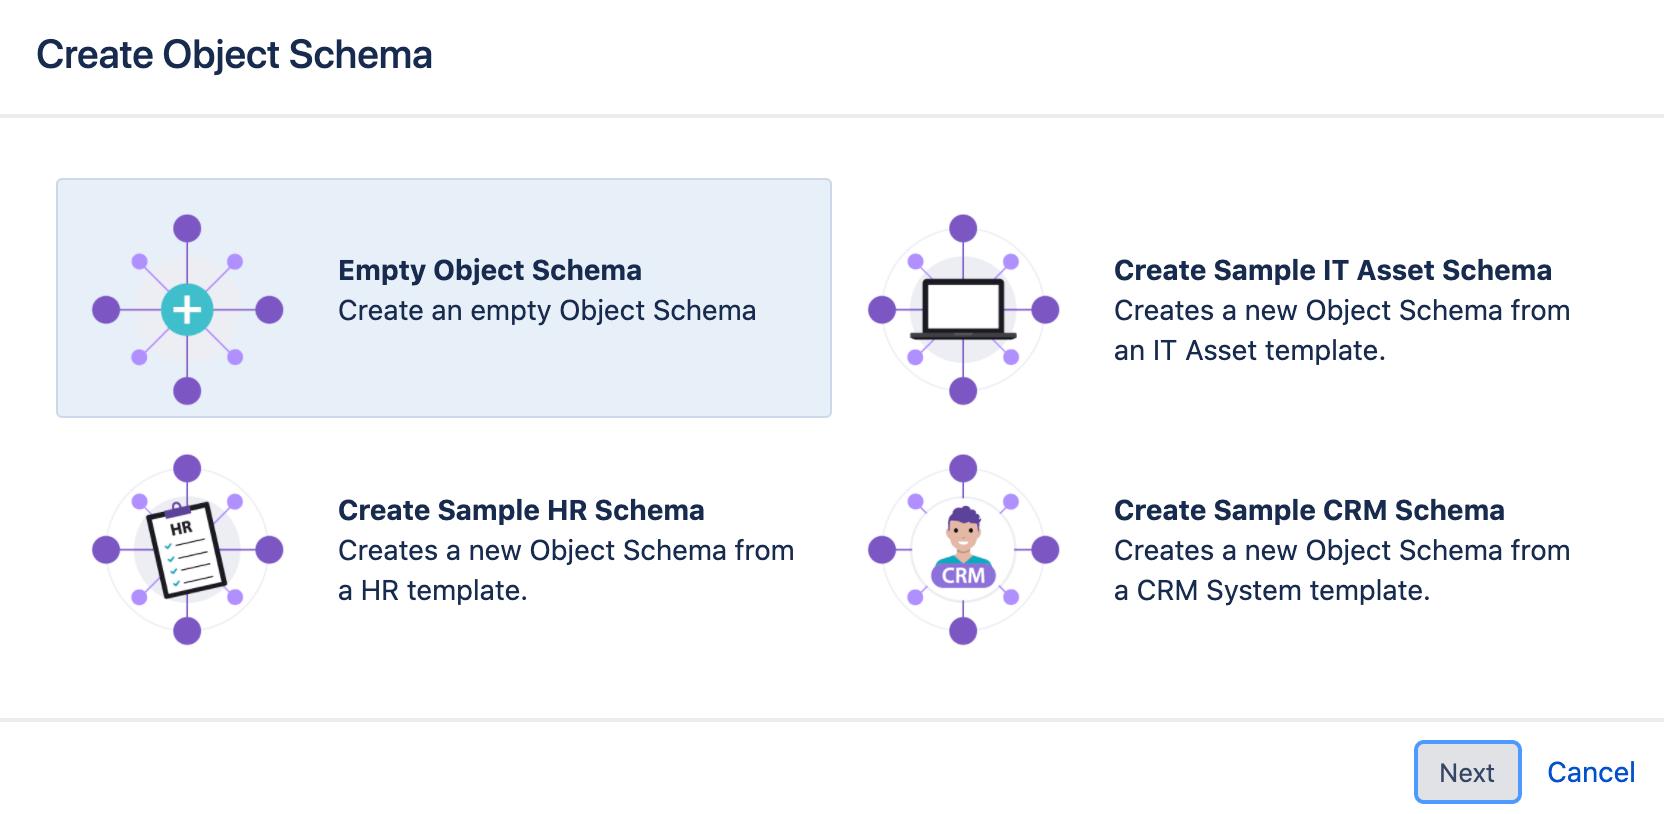 O esquema de objetos criado das opções de esquema vazio, esquema de ativos de IT, esquema de RH e esquema de CRM.